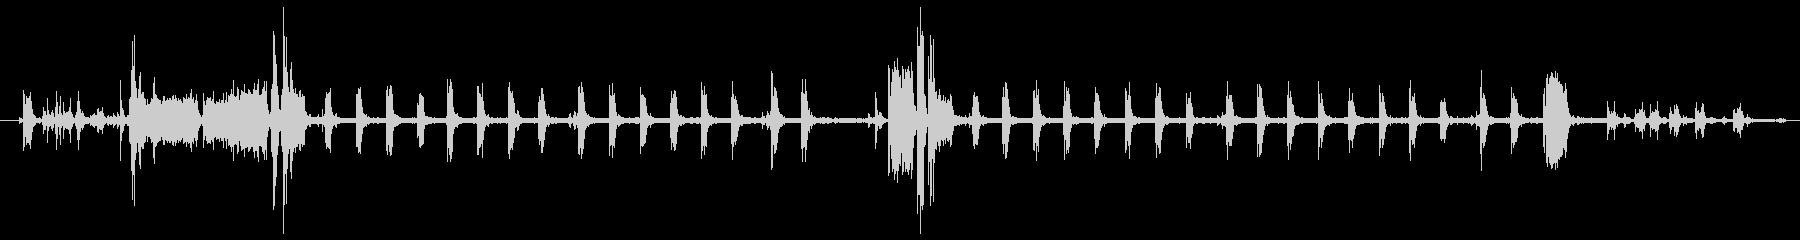 プリンターの印刷音 (room)の未再生の波形